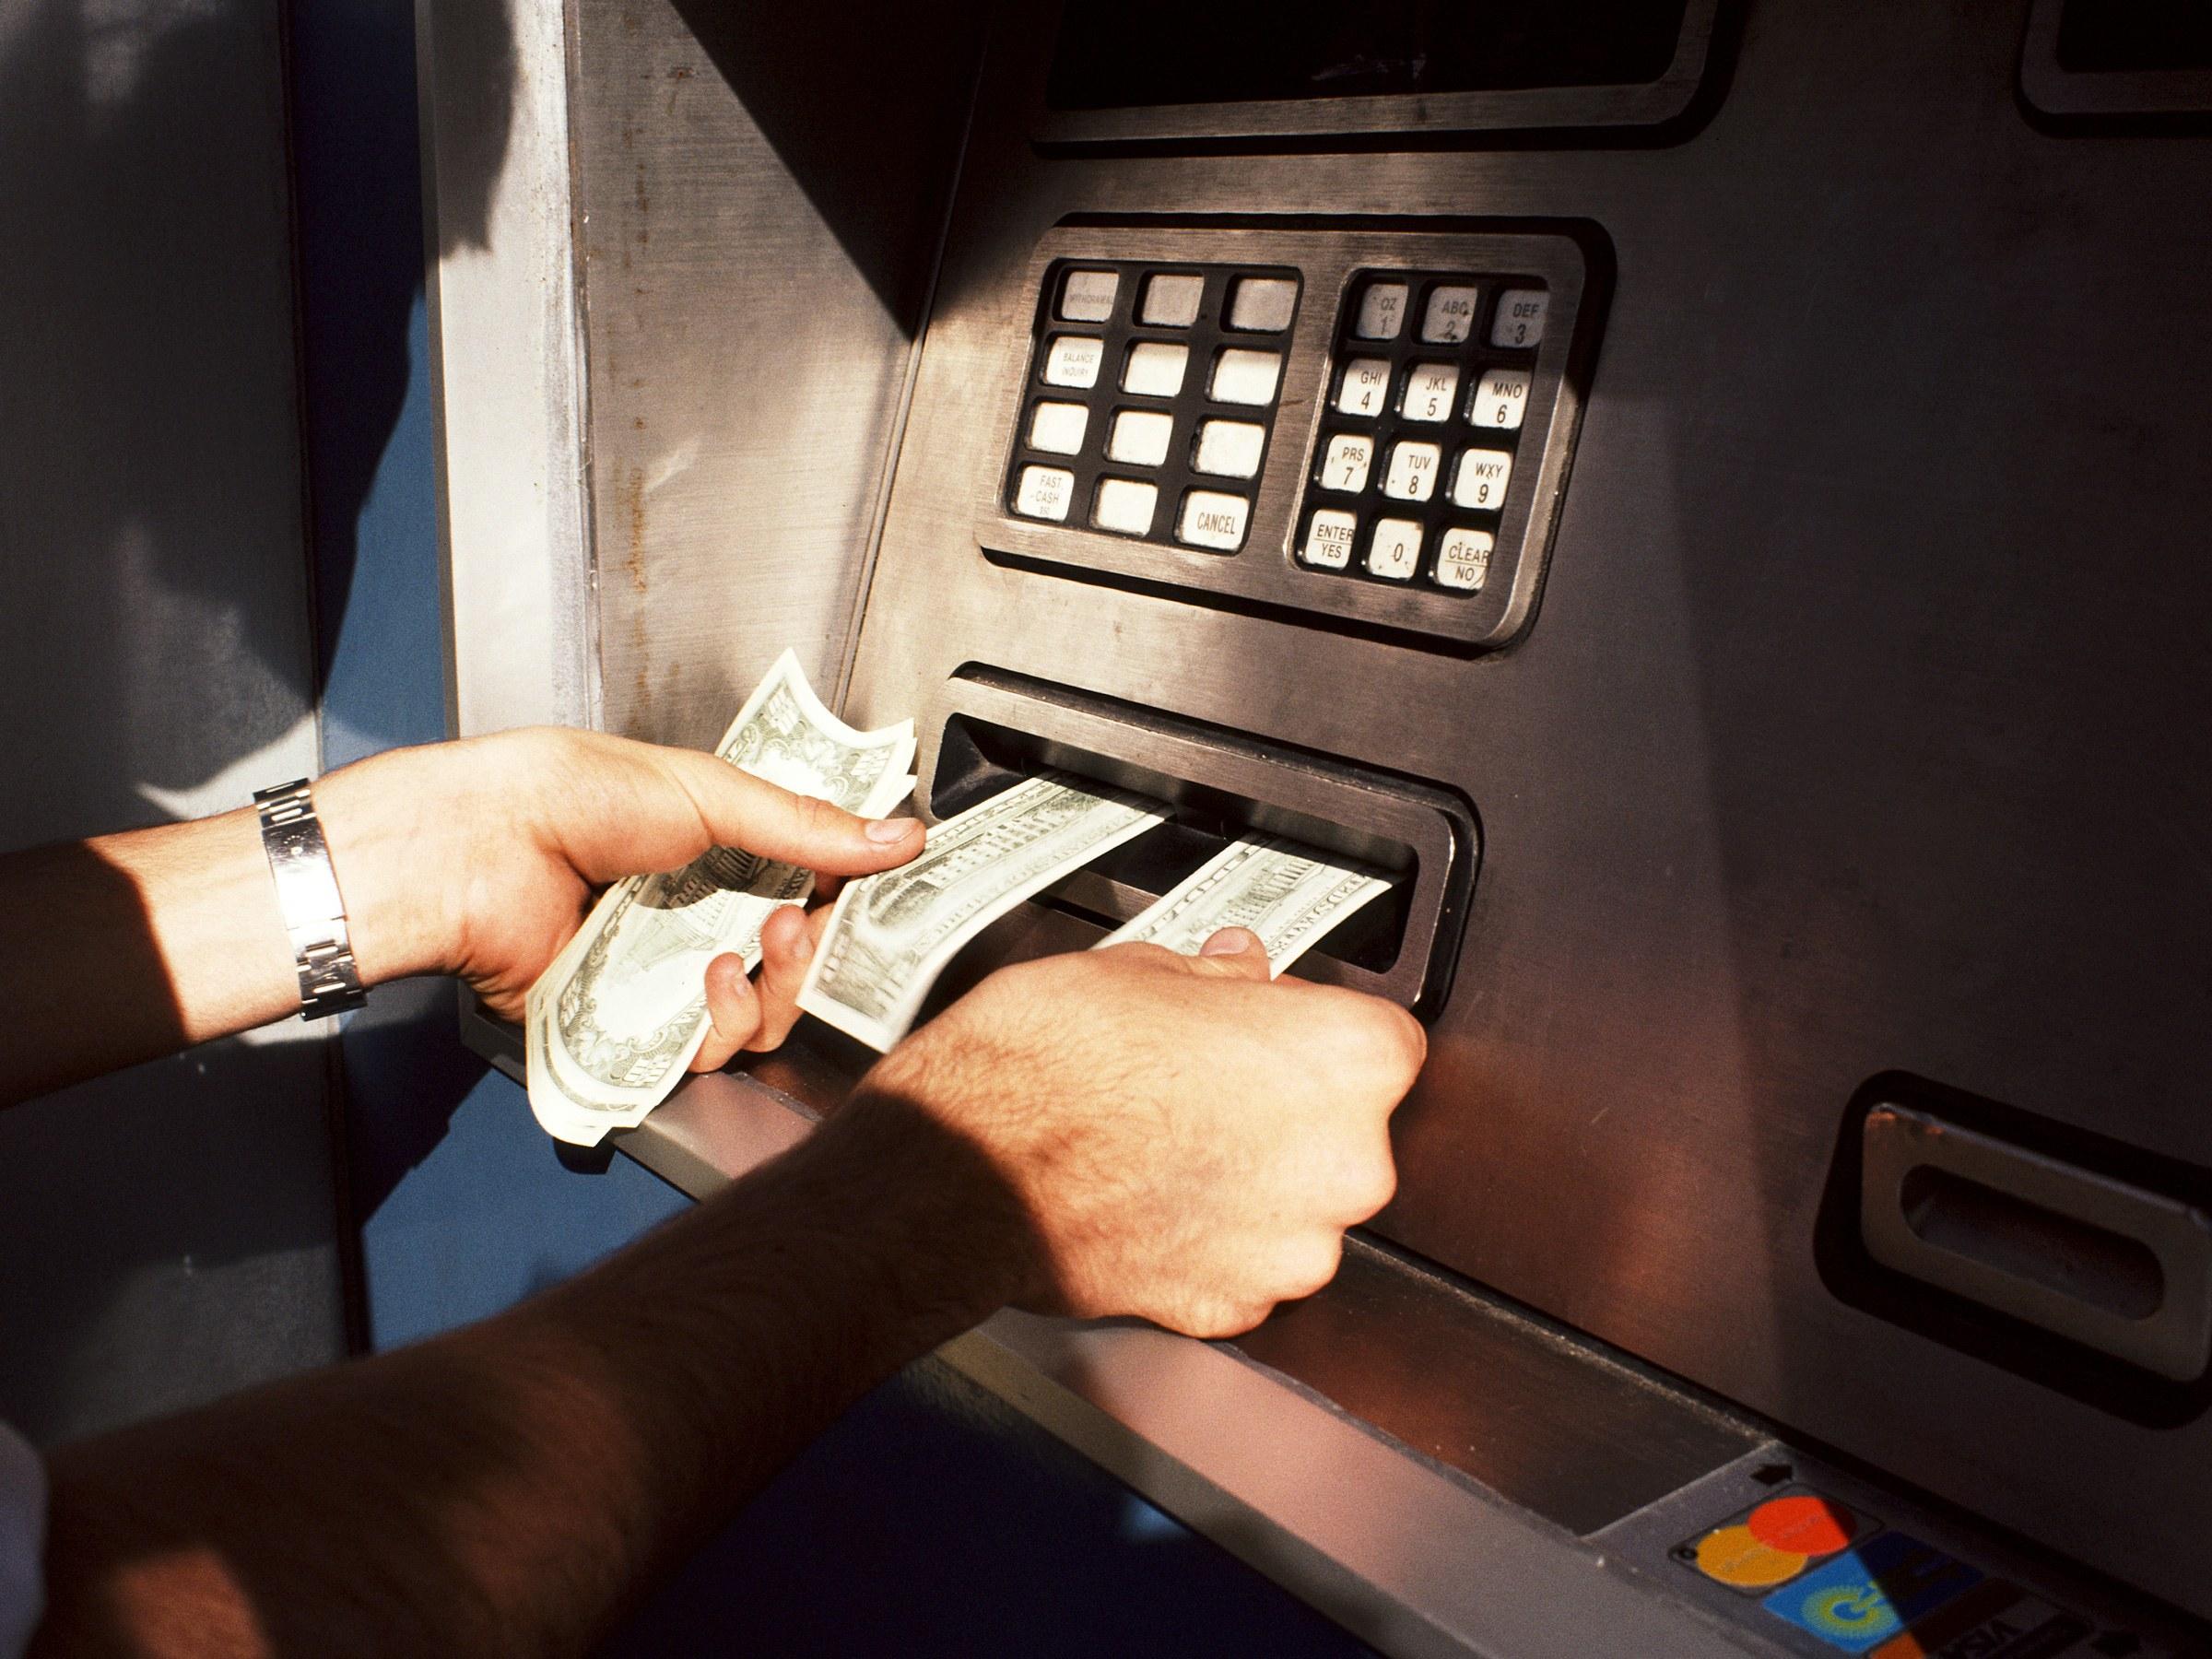 موظف صيانة الـ«ATM» يستولي على 4 ملايين جنيه